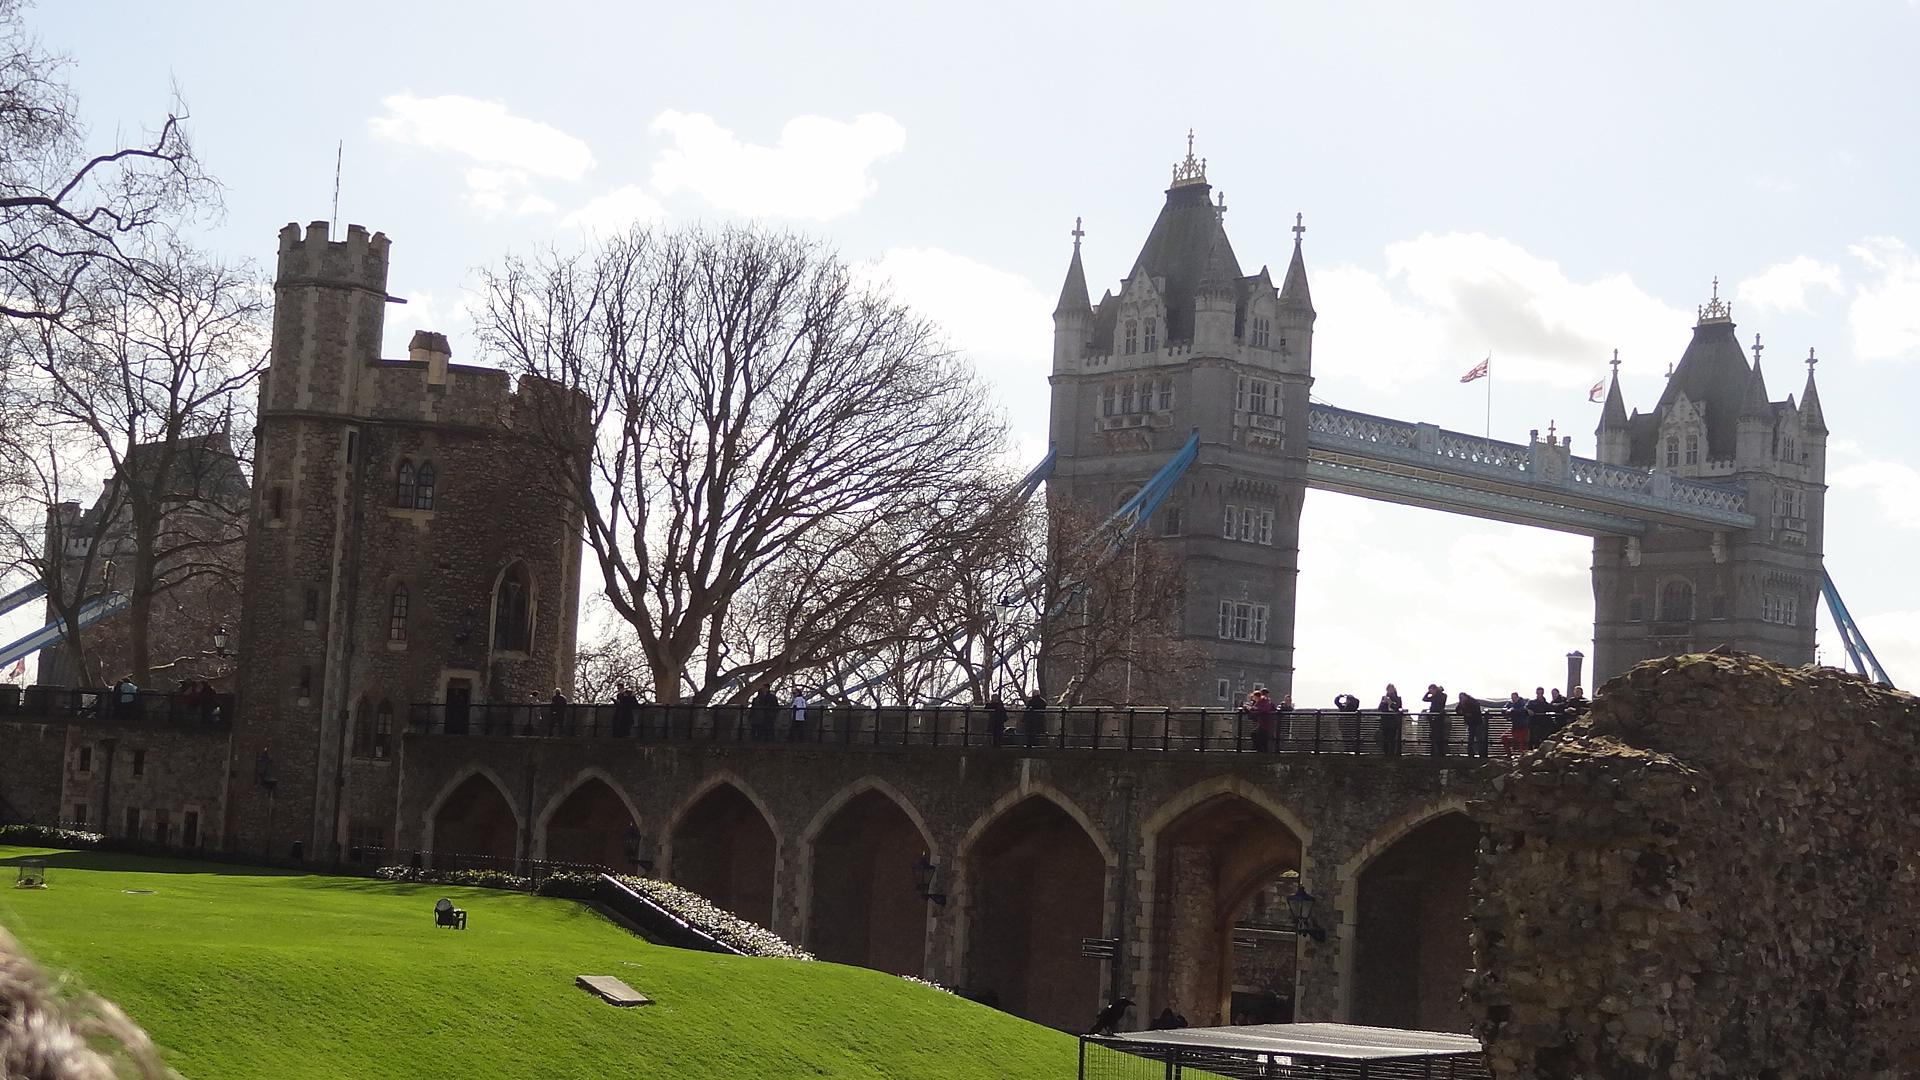 London! Tower Bridge by Simeon Stoichkov